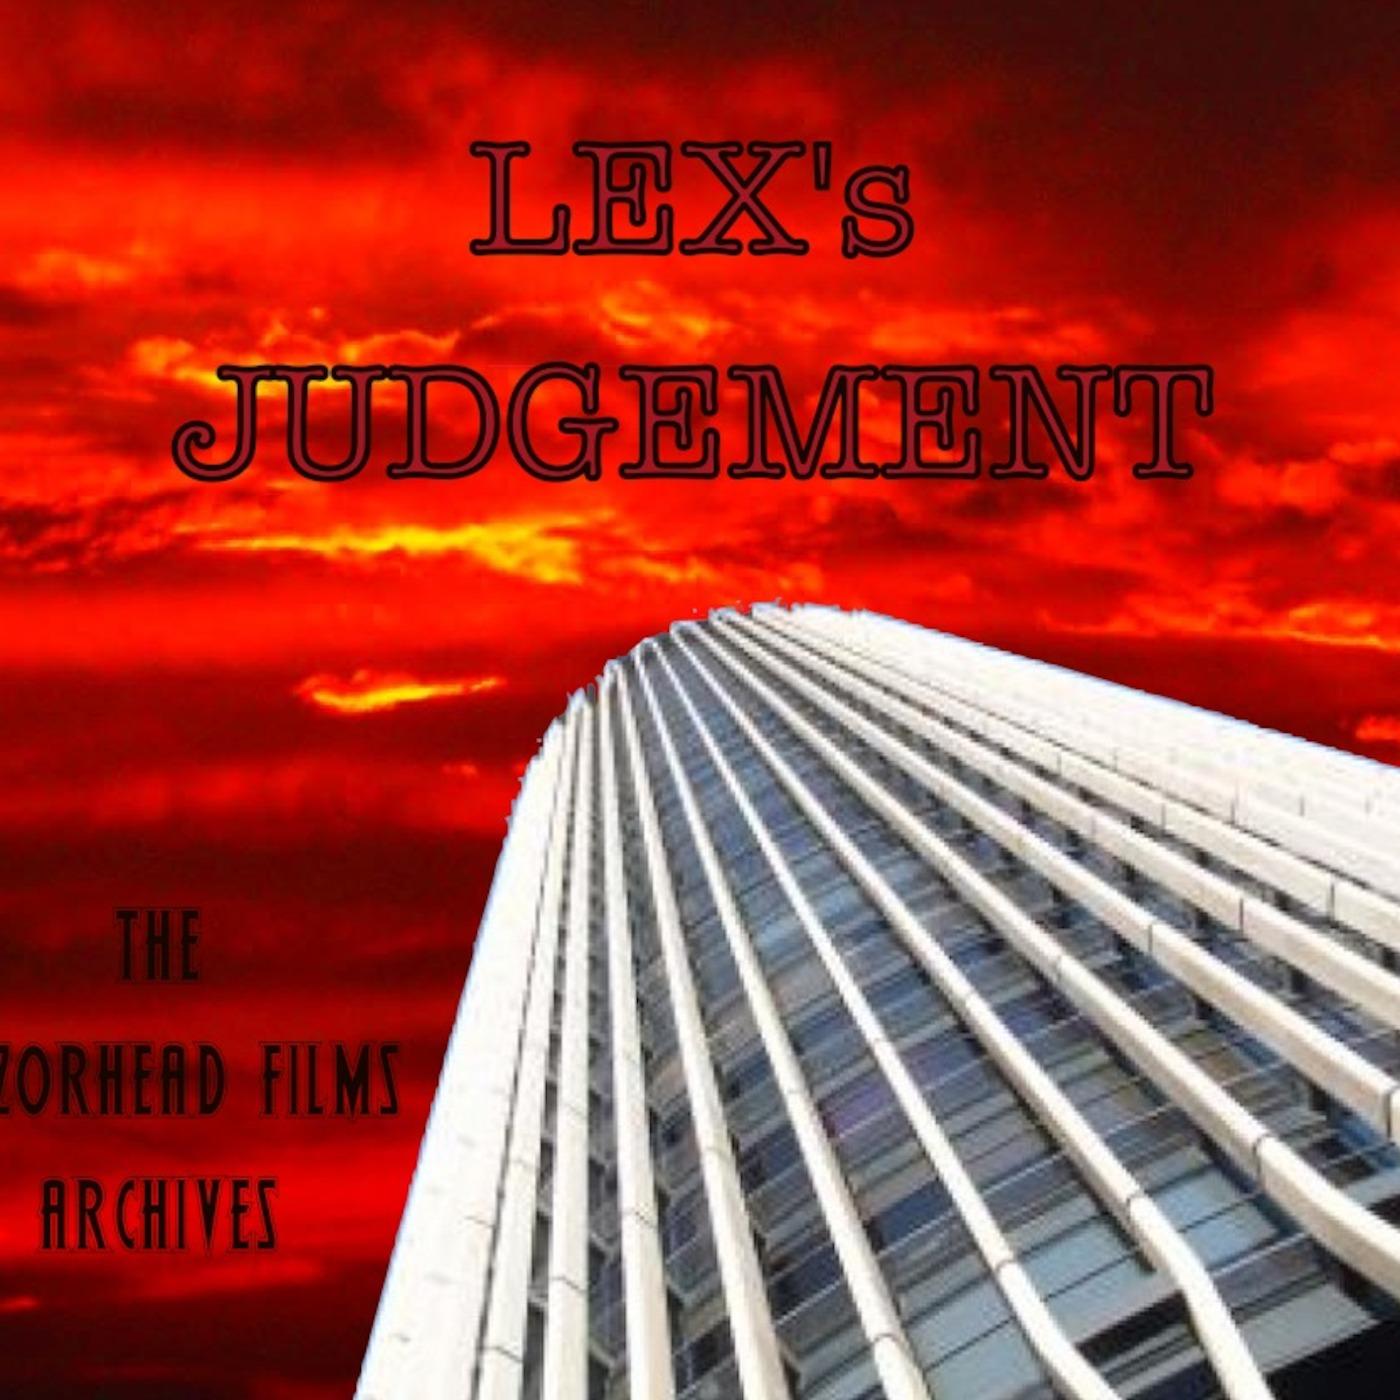 Episode 1 - Lex's Judgement